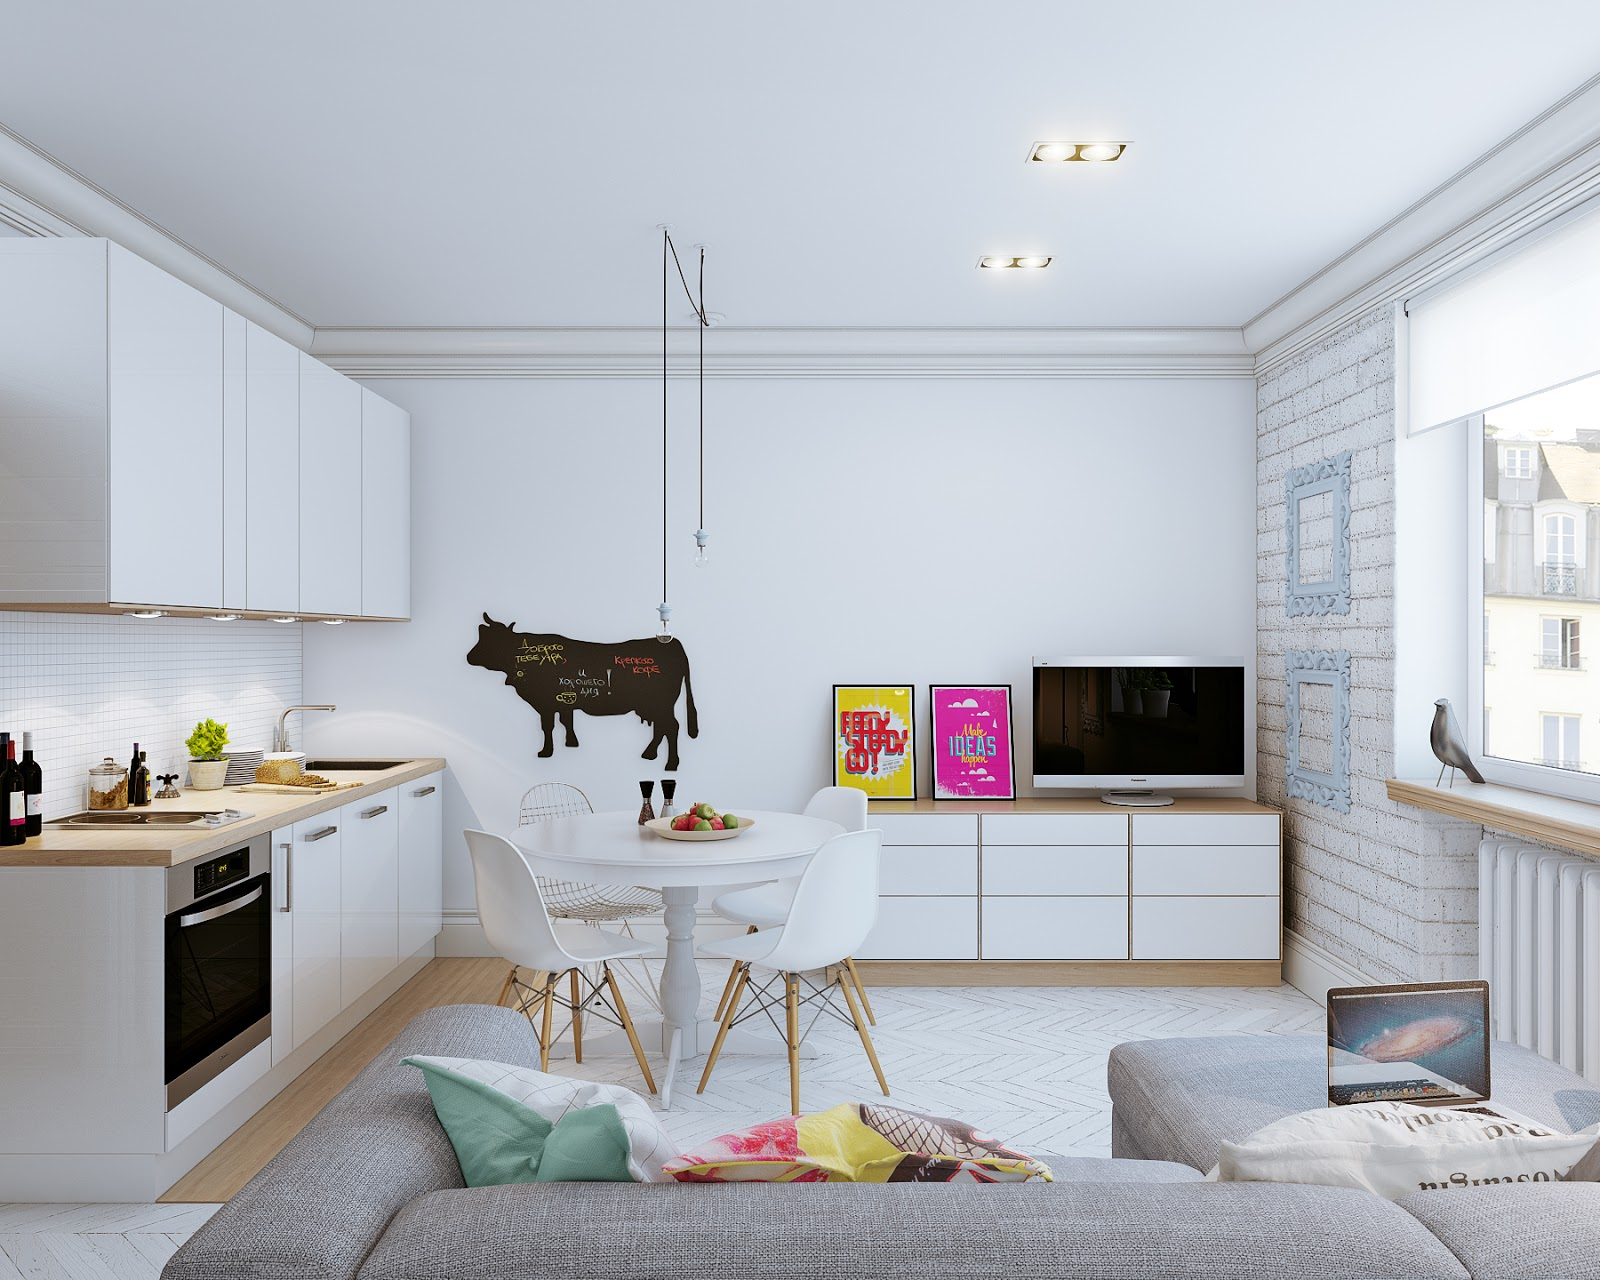 Arredare piccoli spazi giocando con i colori 25 mq for Arredare piccoli appartamenti